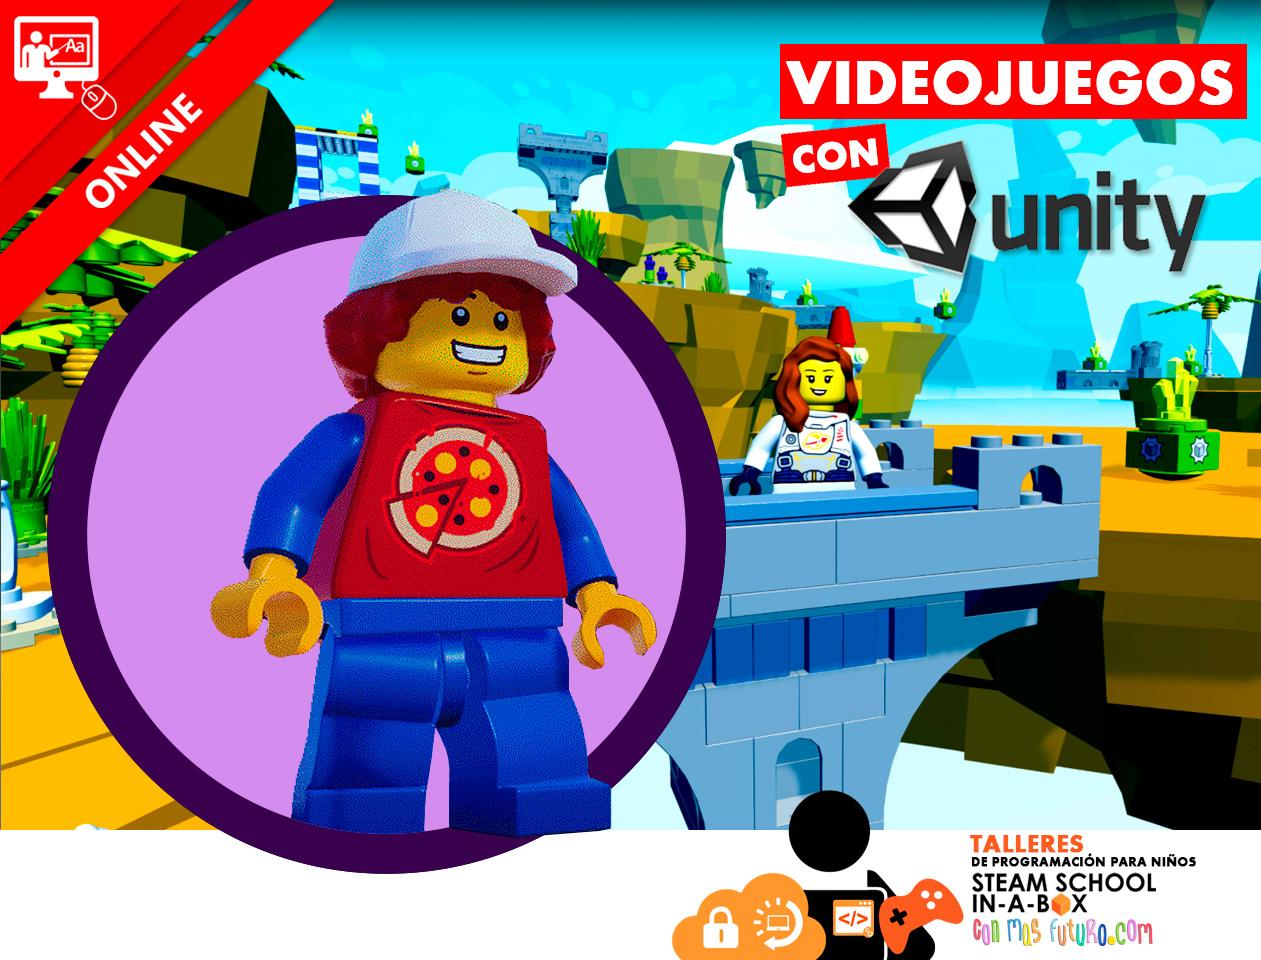 VIDEOJUEGOS CON UNITY 3D